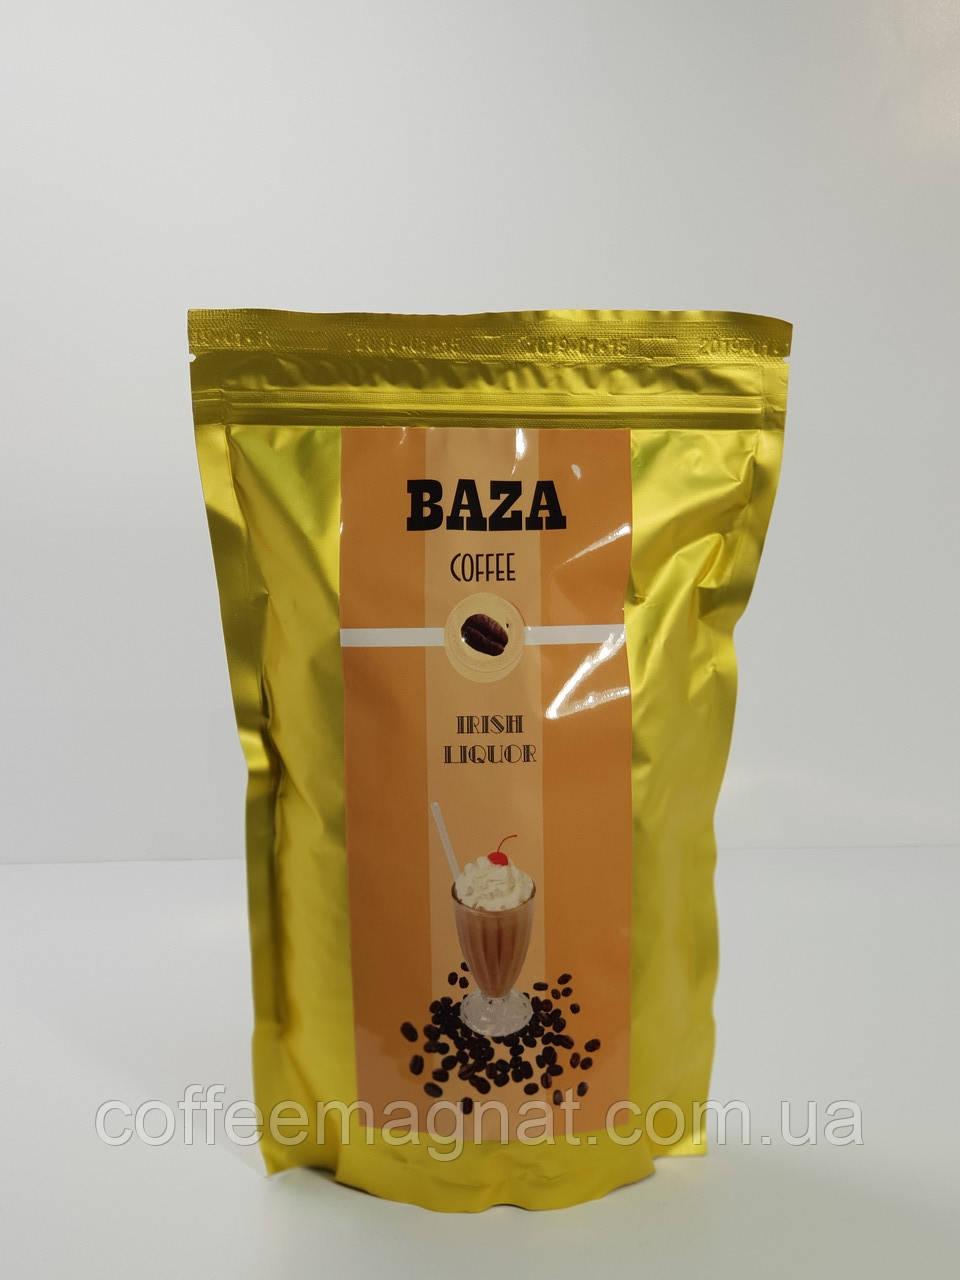 Кофе в зернах ароматизированный BAZAIrish Liquor (Ирландский ликер) 500 г